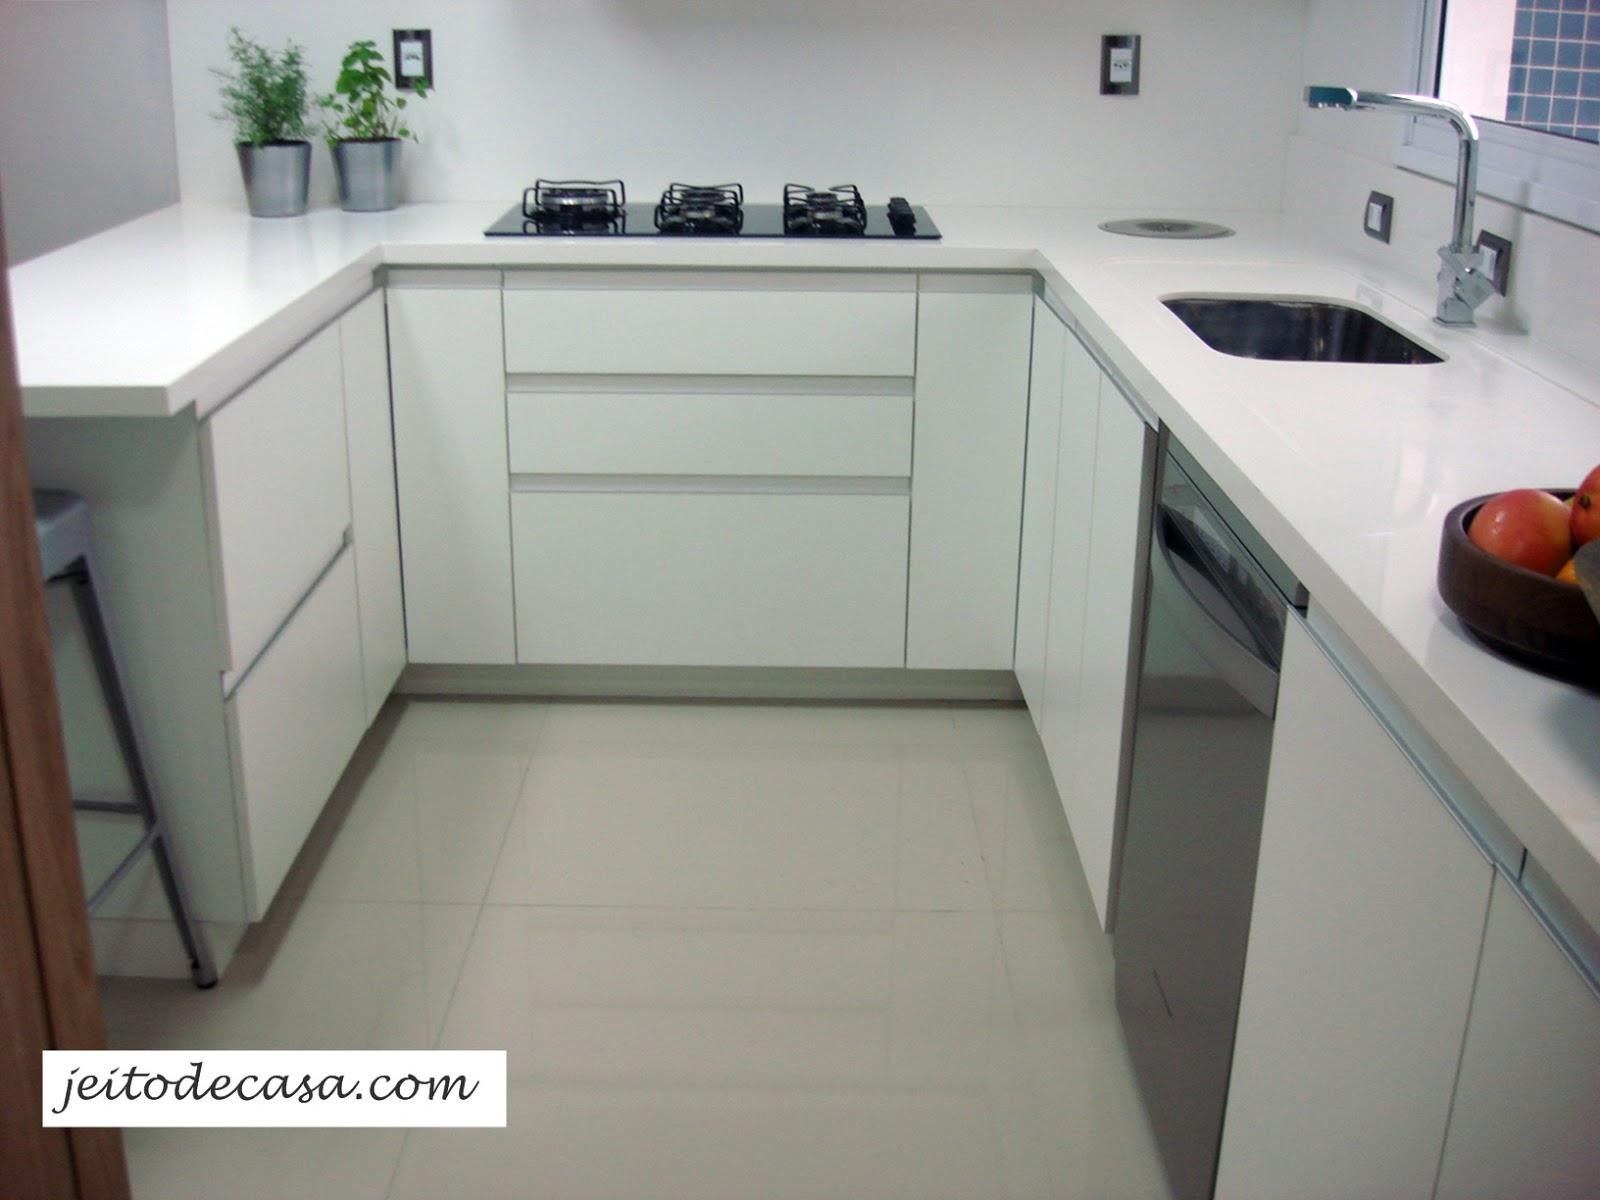 #654238 Cozinha branca de apartamento minha cozinha! Jeito de Casa Blog  1600x1200 px Como Fazer Um Projeto De Cozinha Pela Internet_3093 Imagens